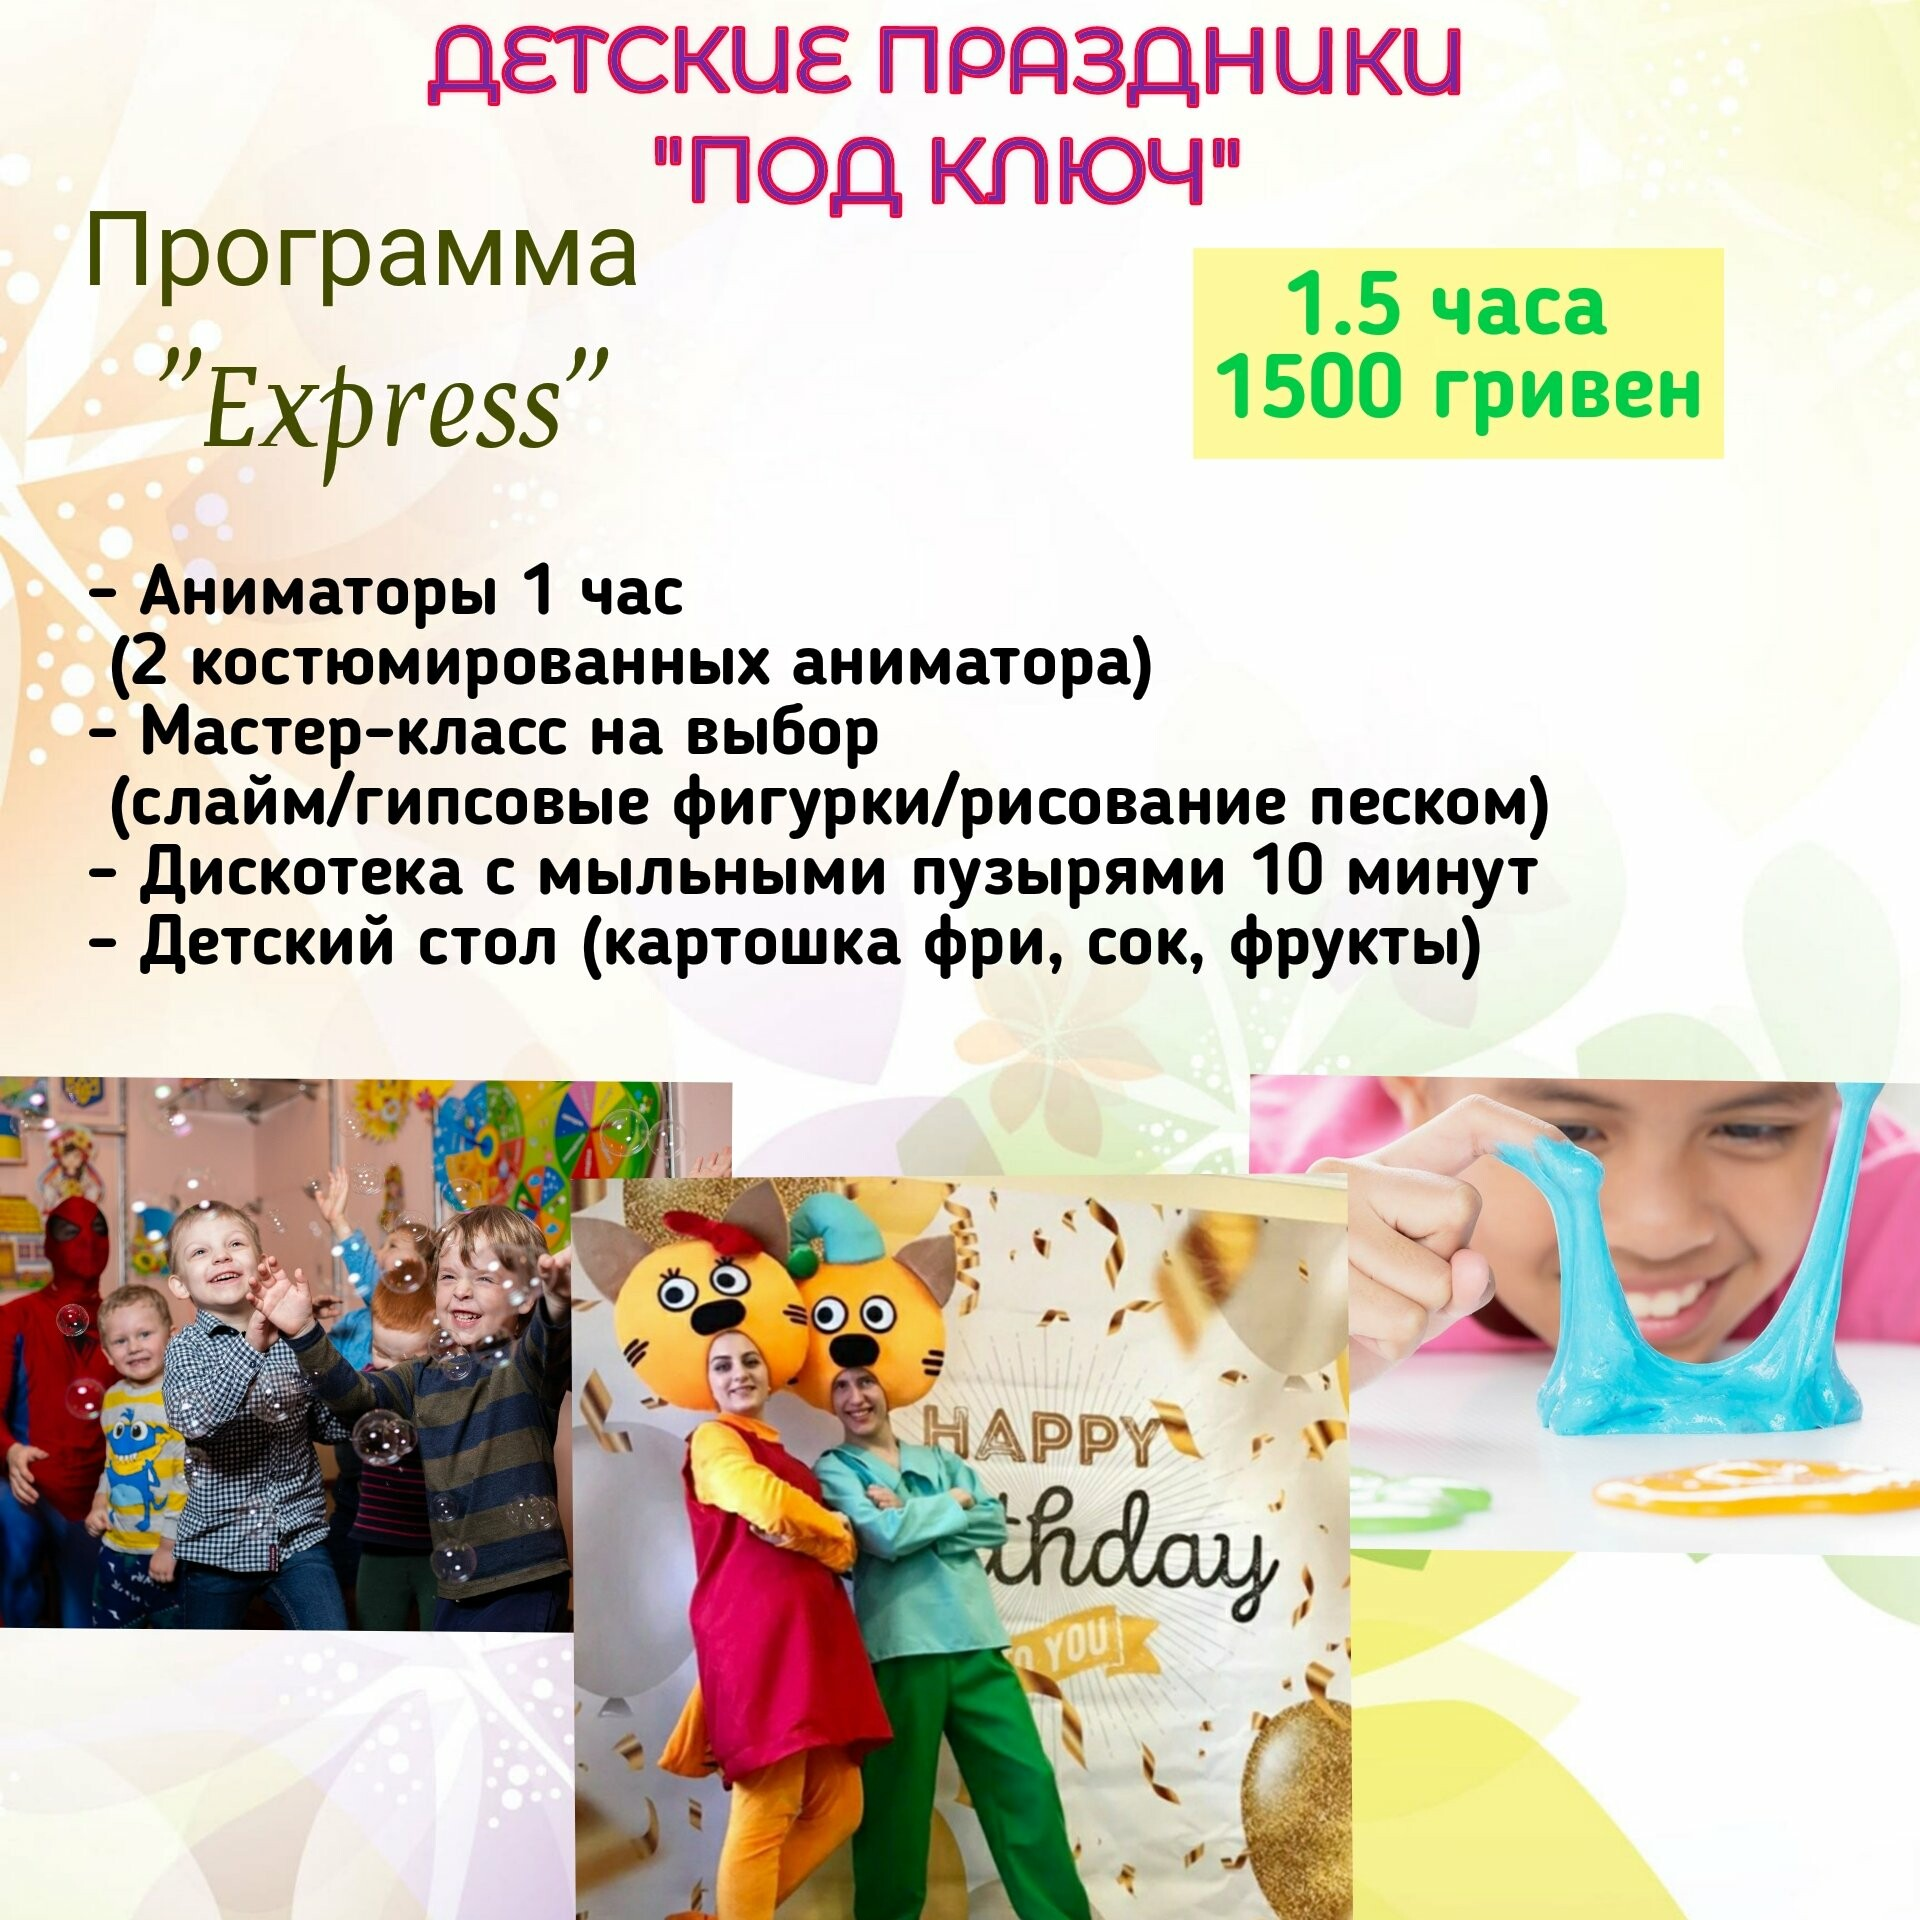 Детский день рождения в Запорожье, выпускной в Запорожье, праздник для именинника в Запорожье только у нас - ресторанный комплекс Раут г...., фото-8